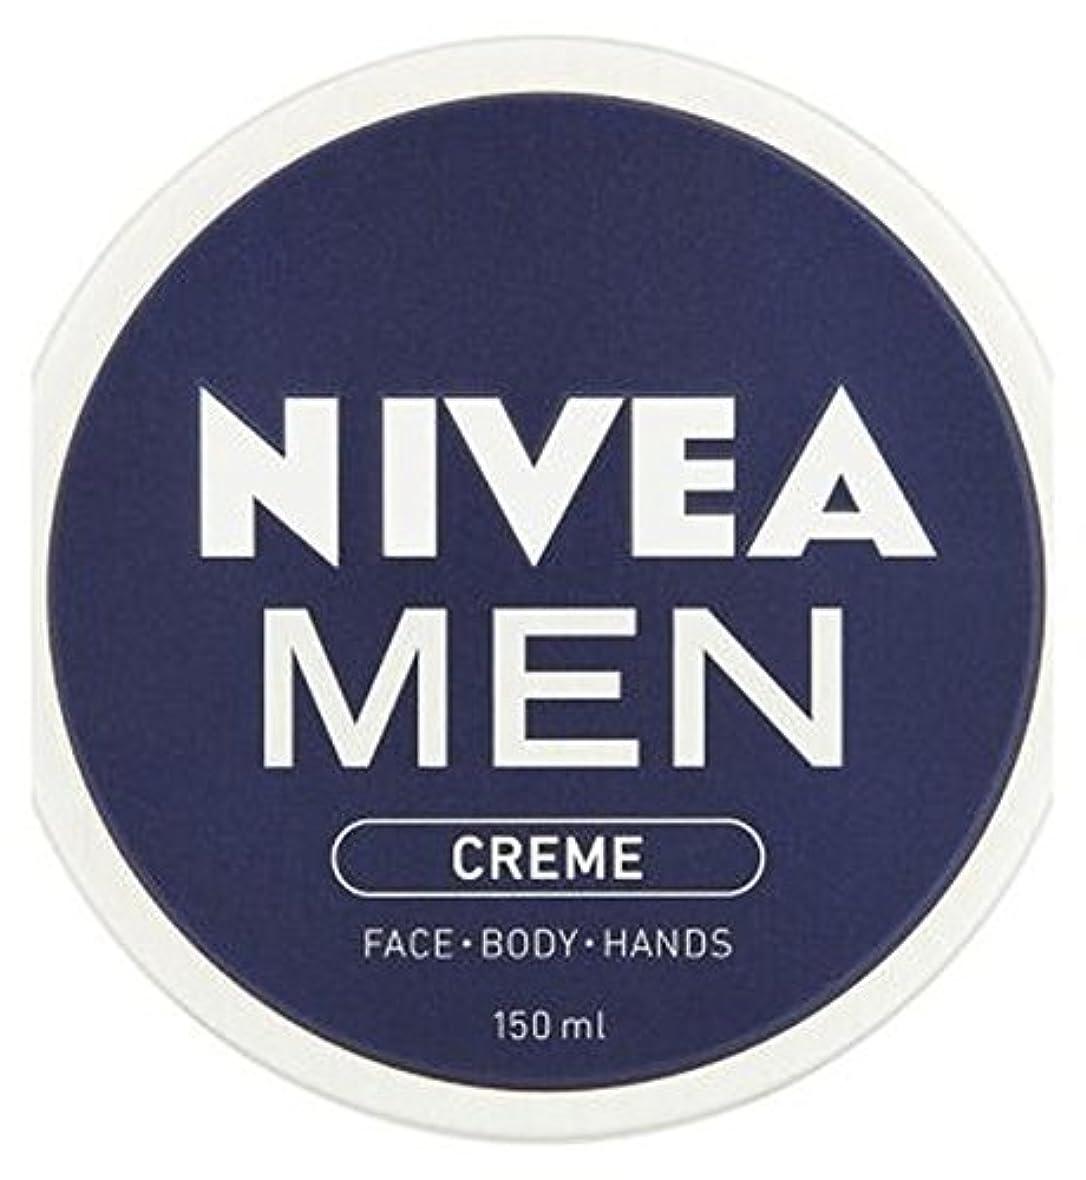 テクニカル支払う劇的NIVEA MEN Creme 150ml - ニベアの男性が150ミリリットルクリーム (Nivea) [並行輸入品]